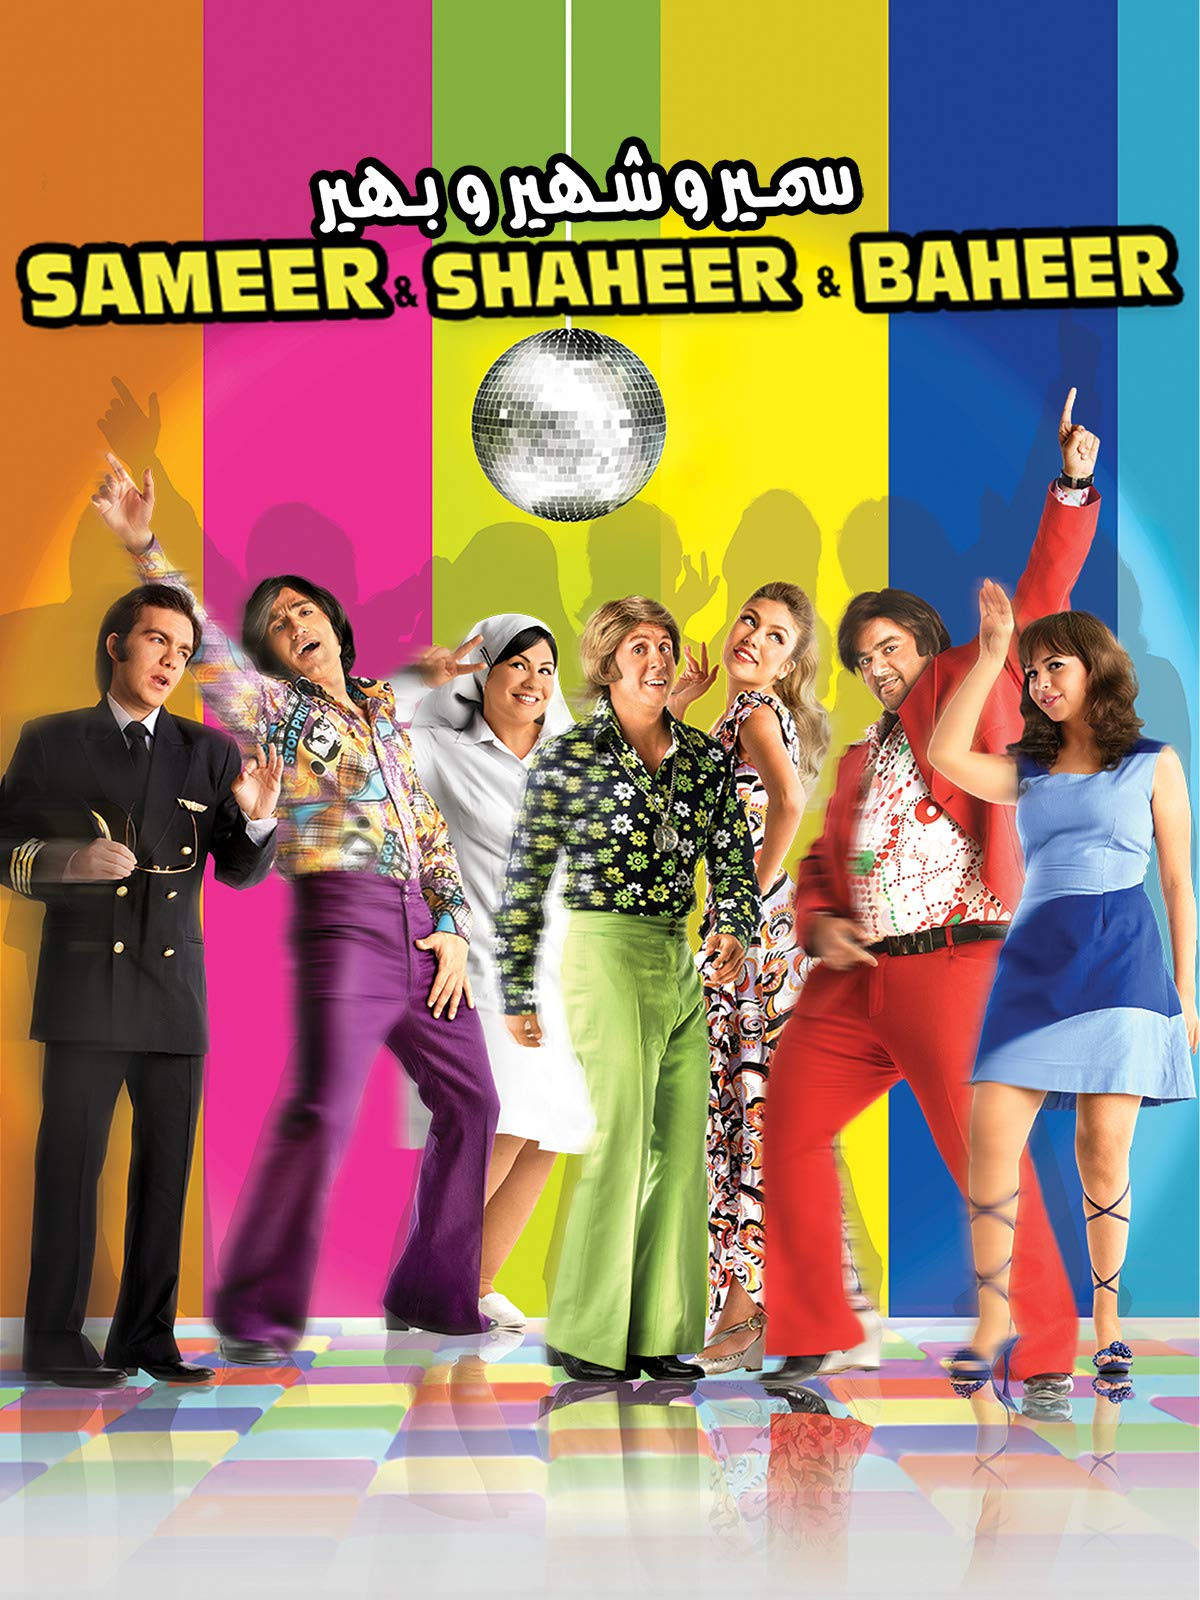 Sameer, Shaheer & Baheer